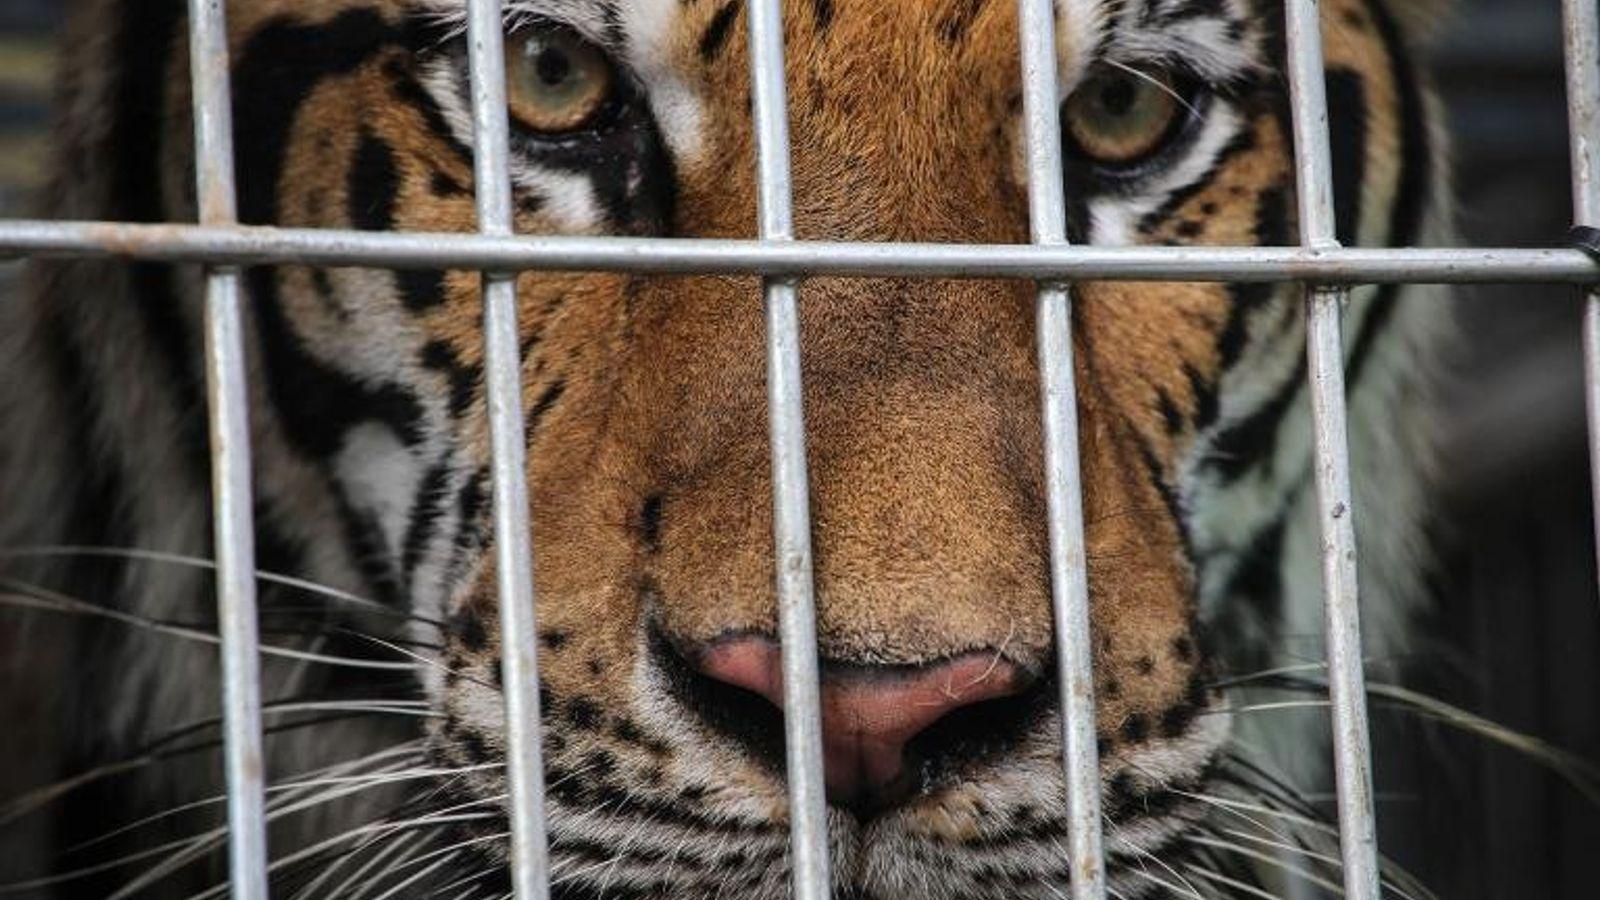 Tigre cautivo